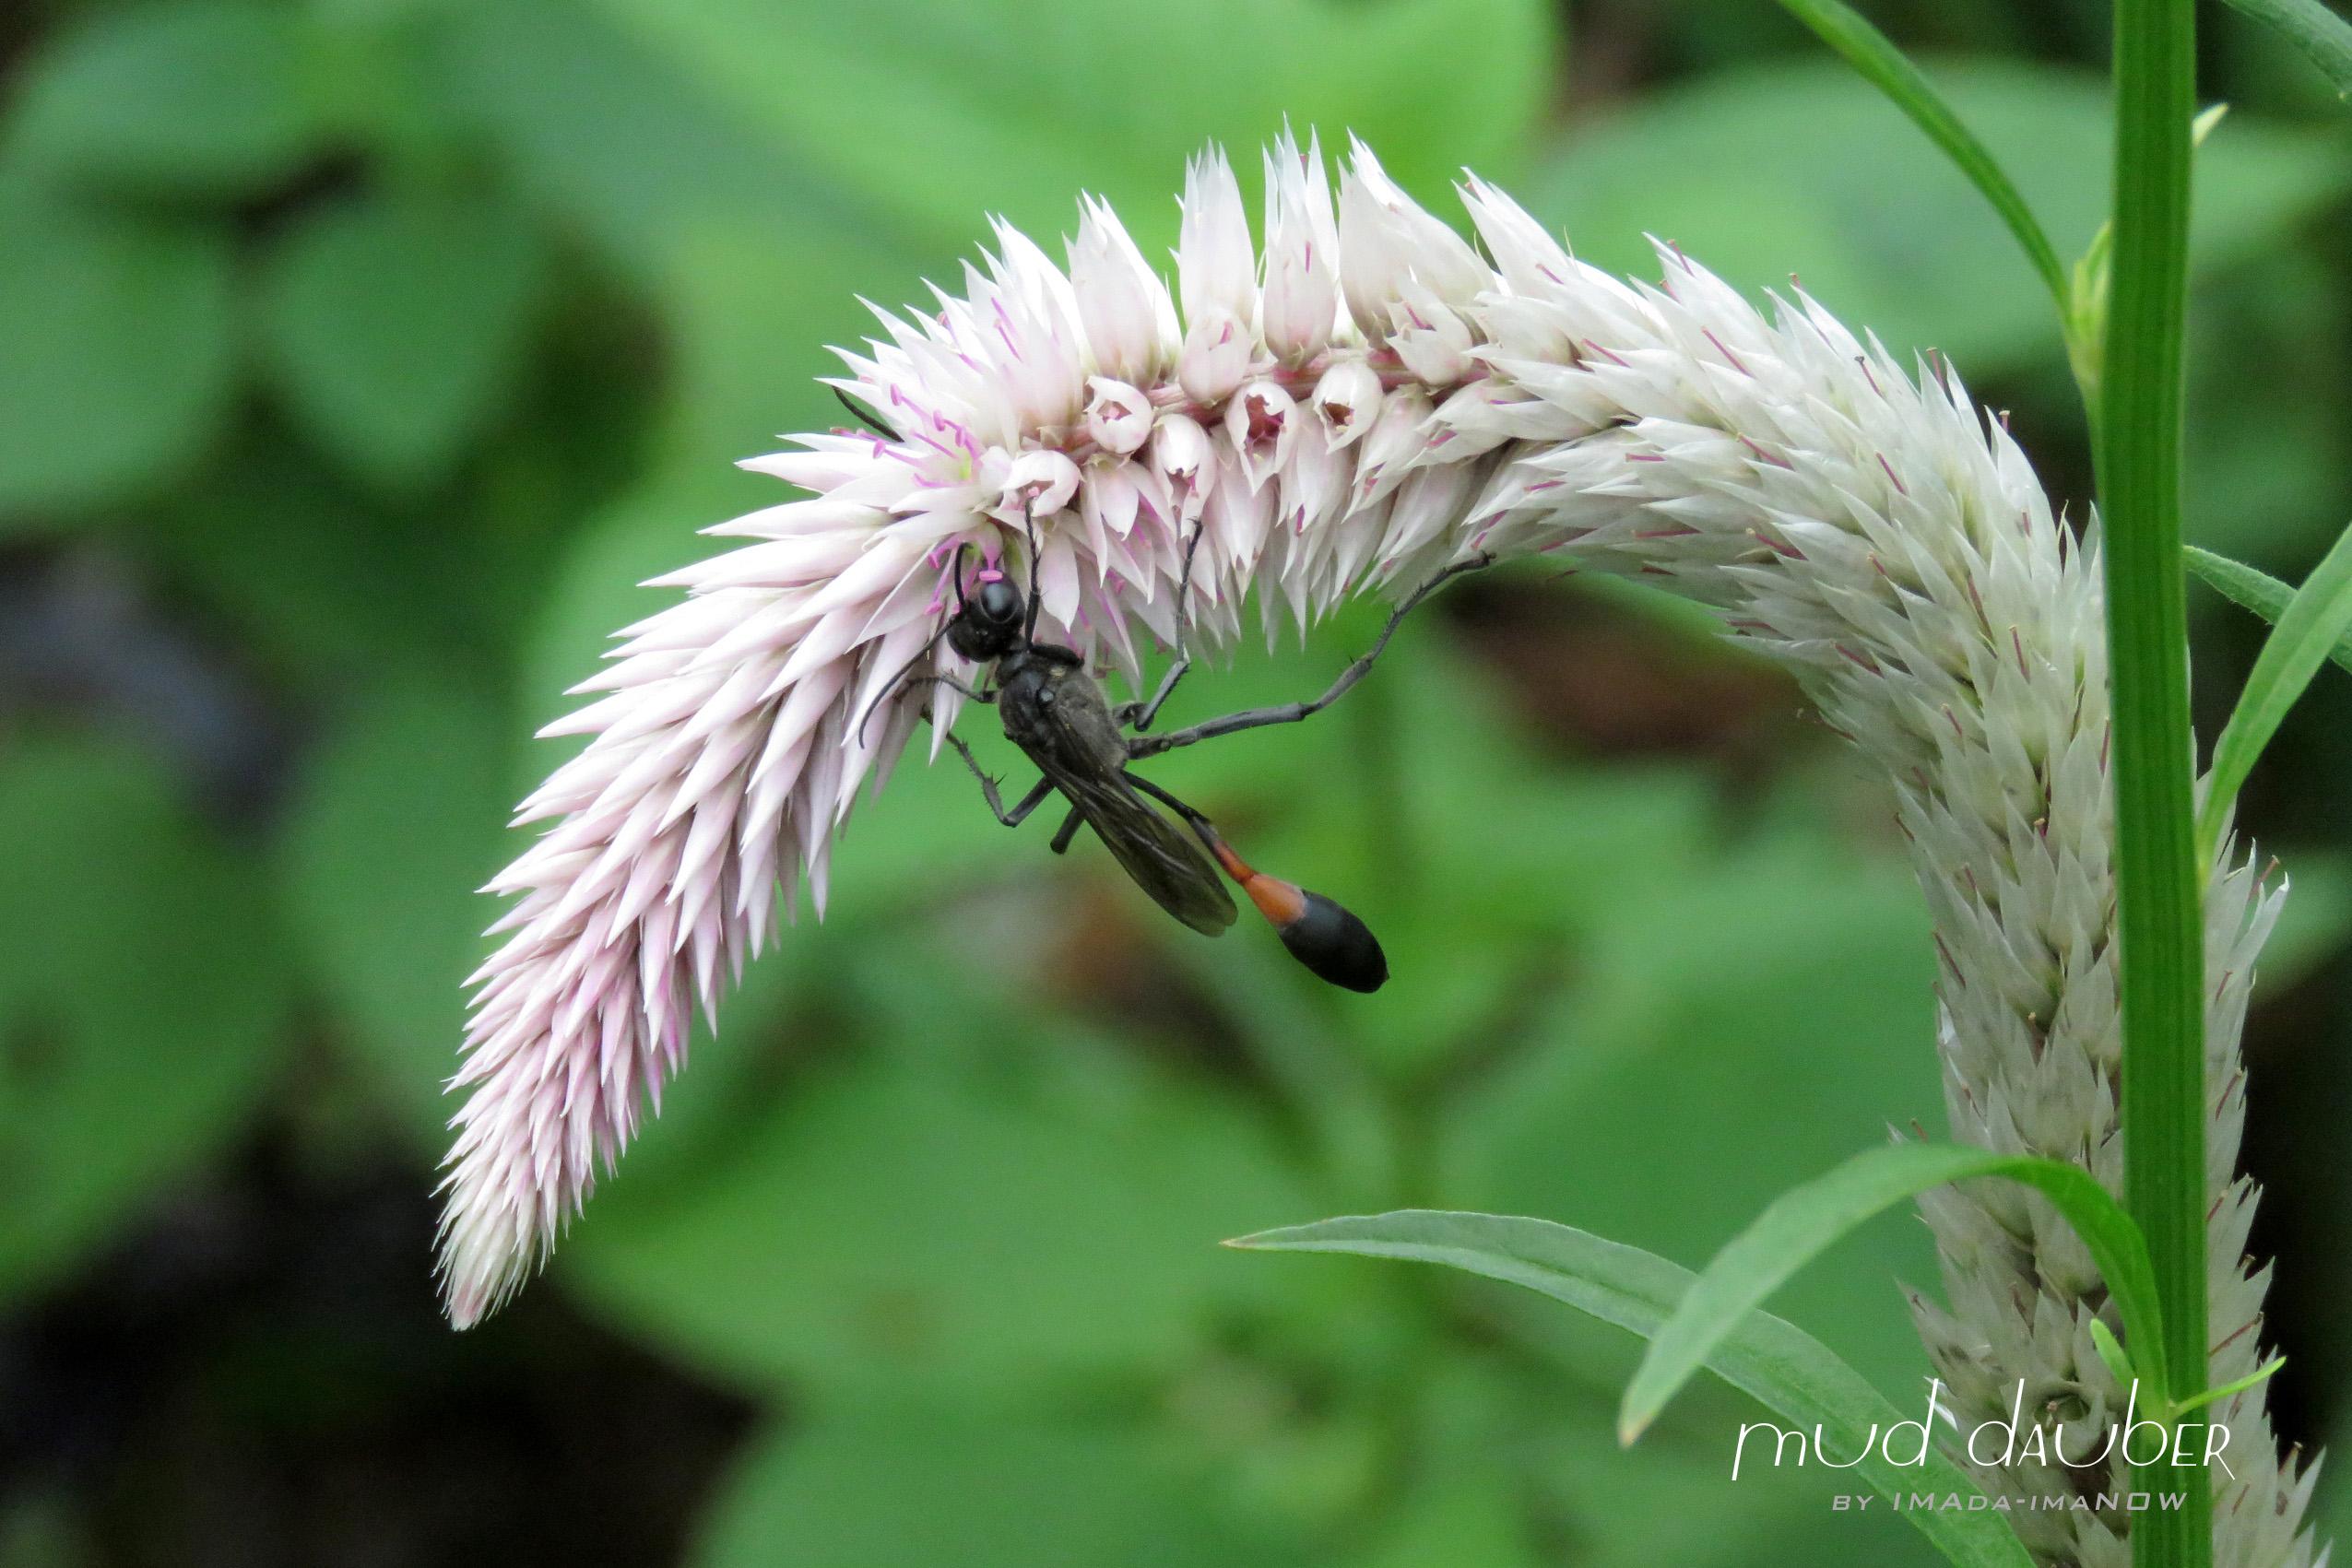 IMG_6487c ジガバチ